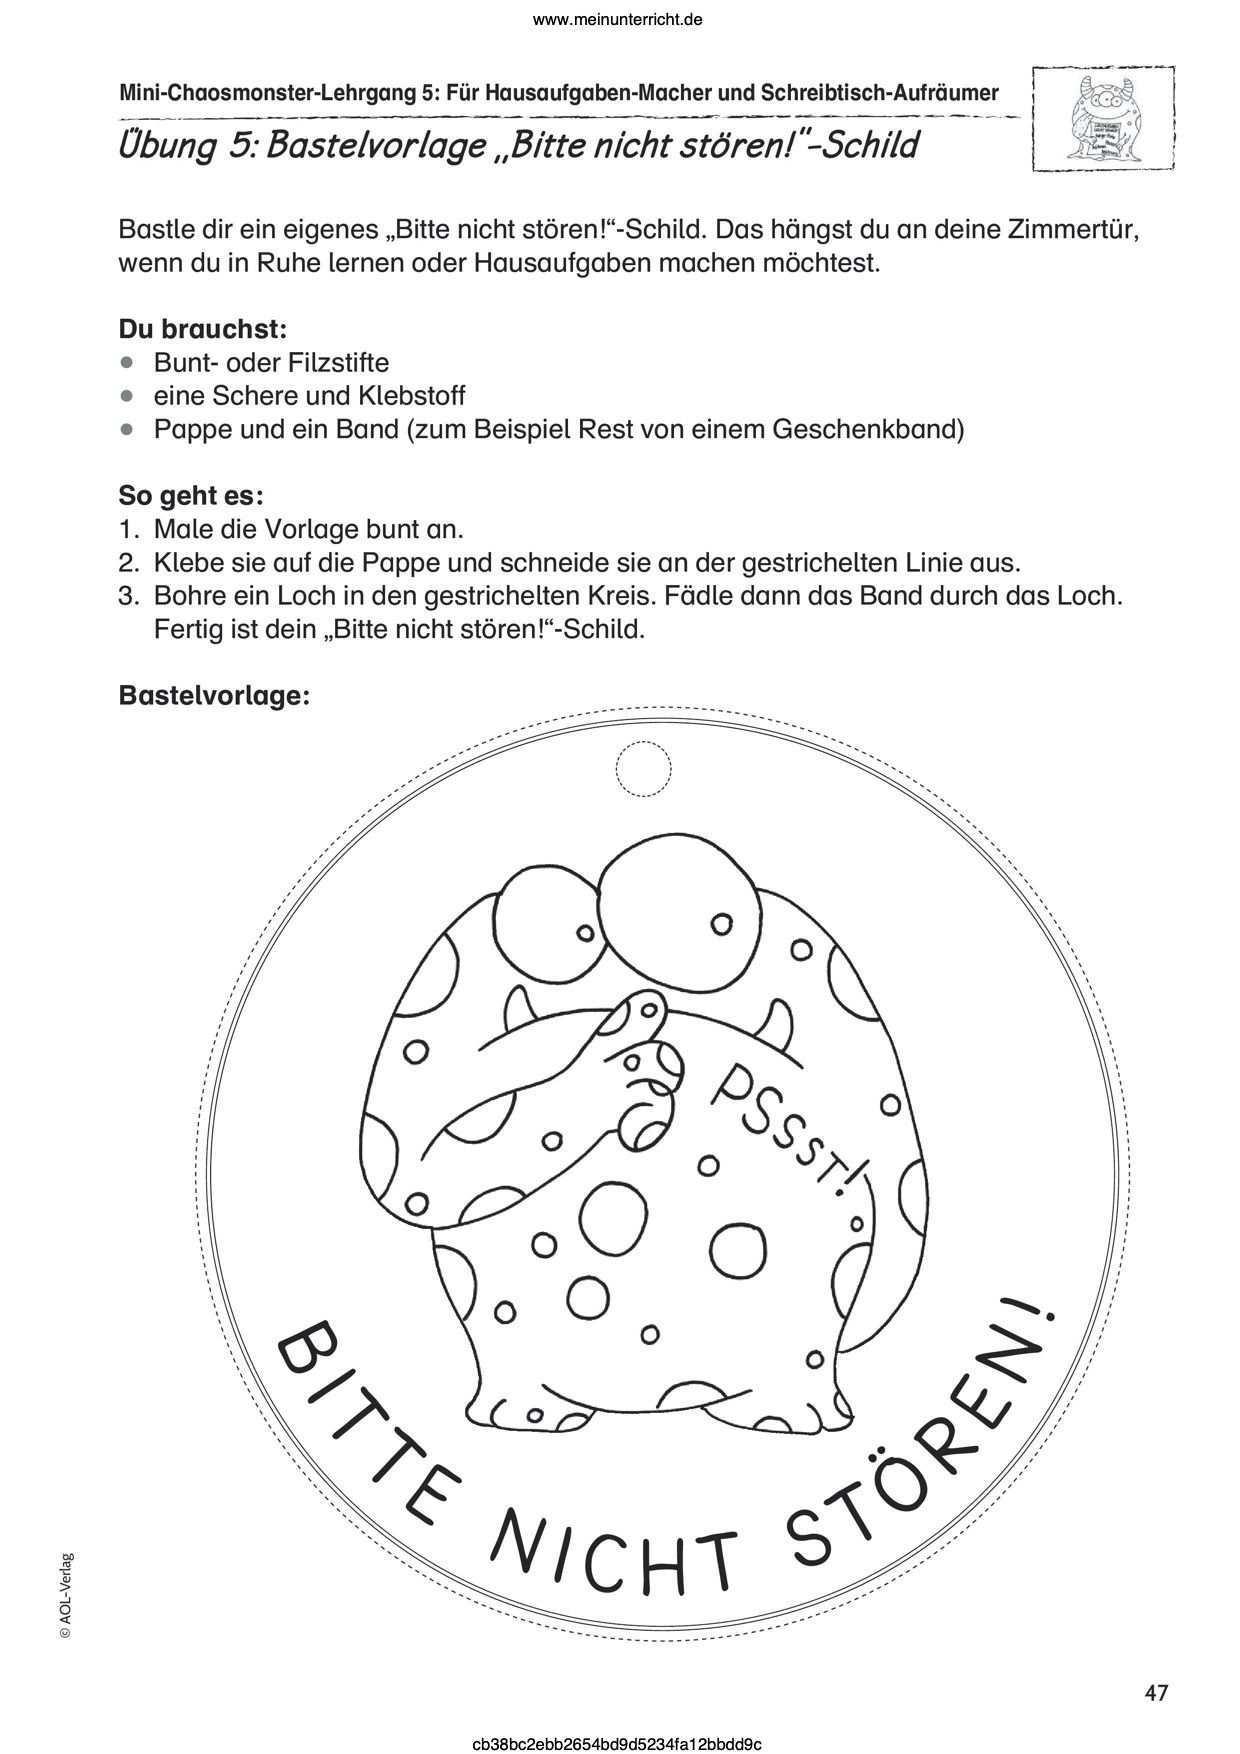 Vorschau Arbeitsblatt Meinunterricht Bastelvorlagen Grundschule Turschild Basteln